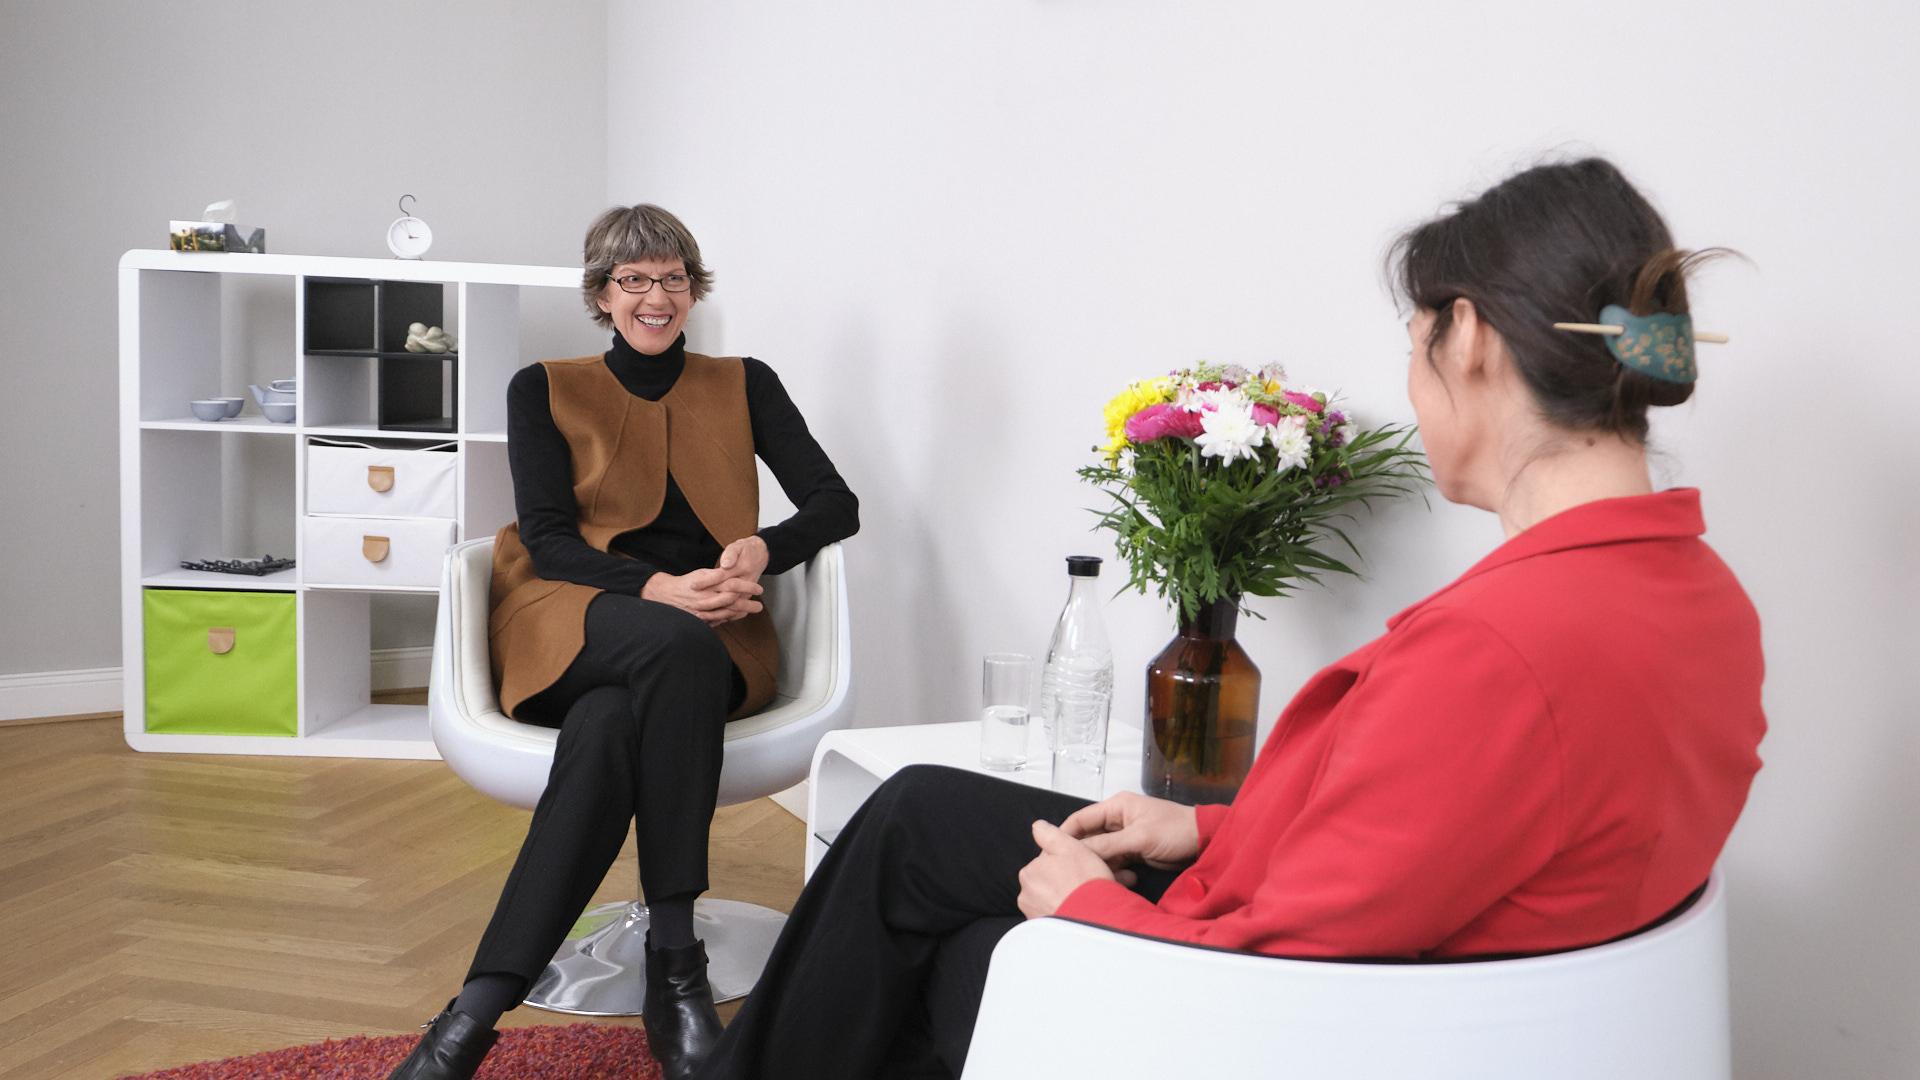 Claudia Seidel Businescoach und Teamcoach - ührungskräftecoaching in Berlin